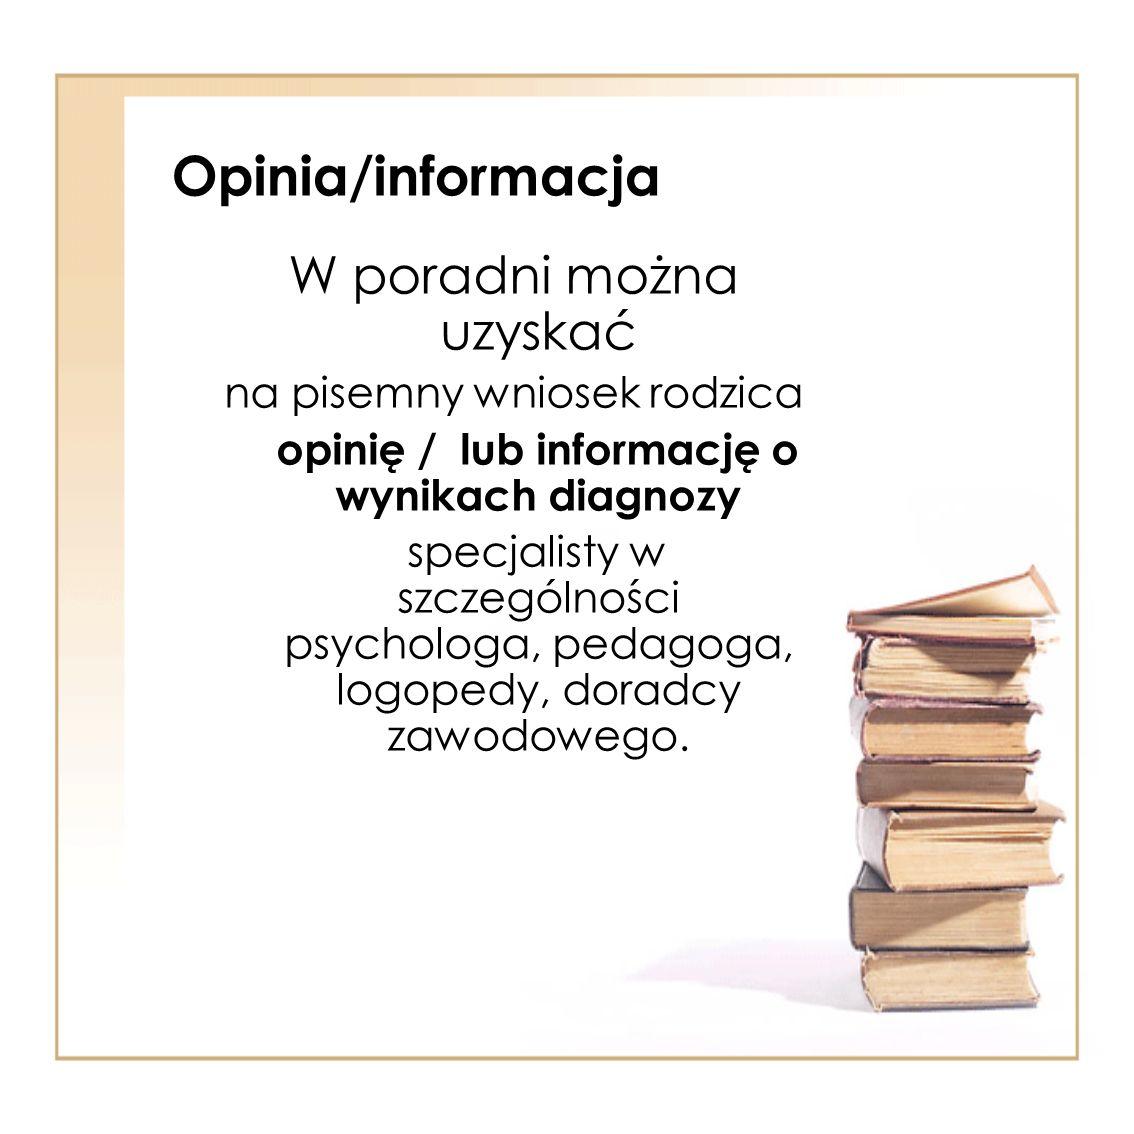 opinię / lub informację o wynikach diagnozy